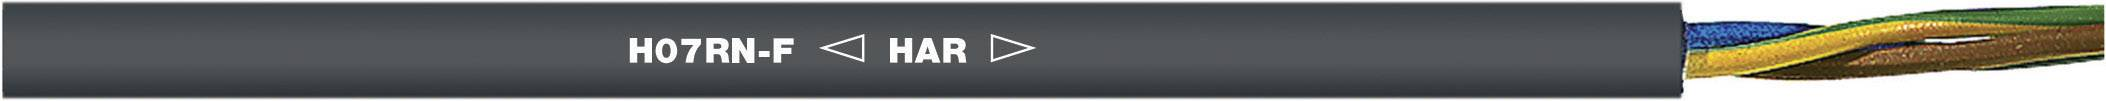 Připojovací kabel H07RN-F 2 x 6 mm² černá LappKabel 1600095/100 100 m